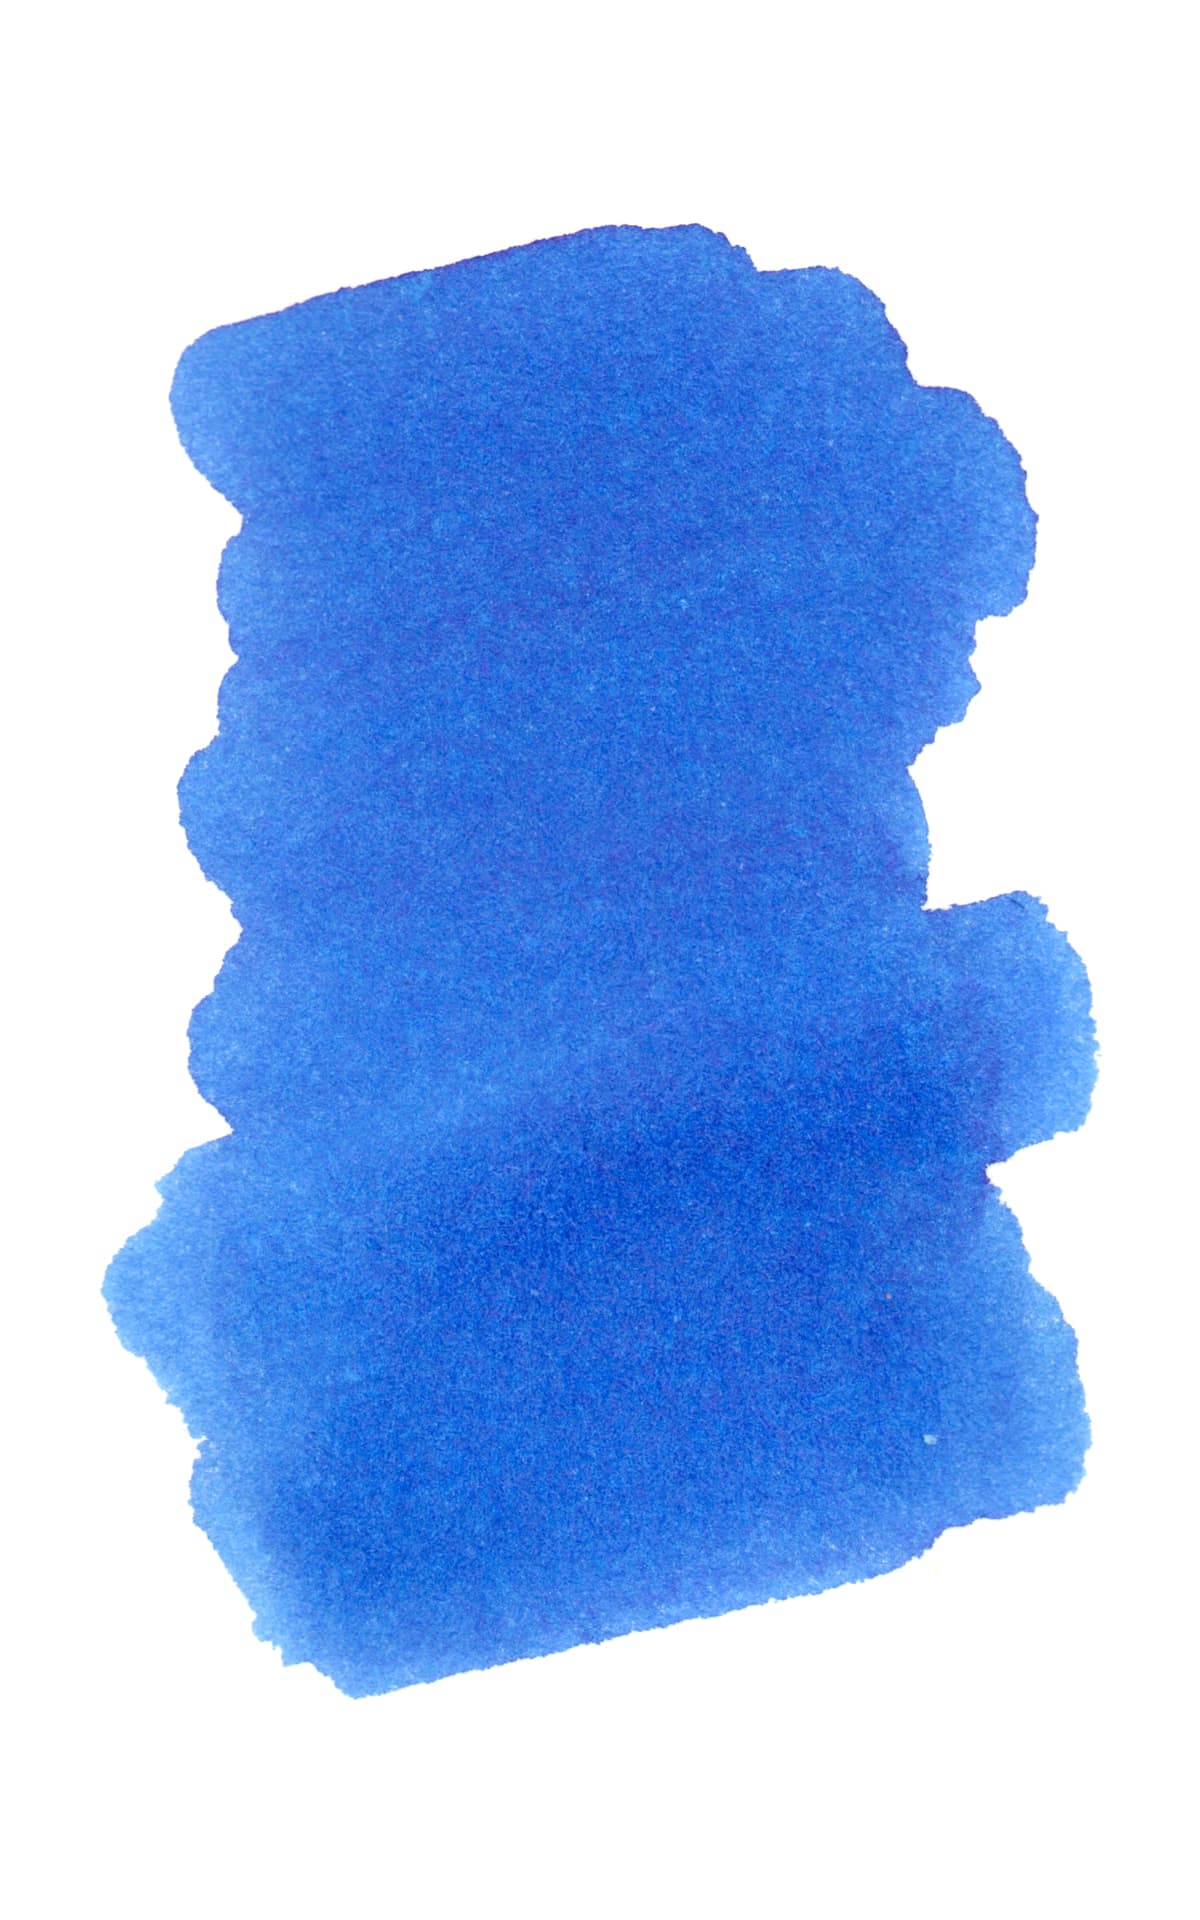 Pilot Blue